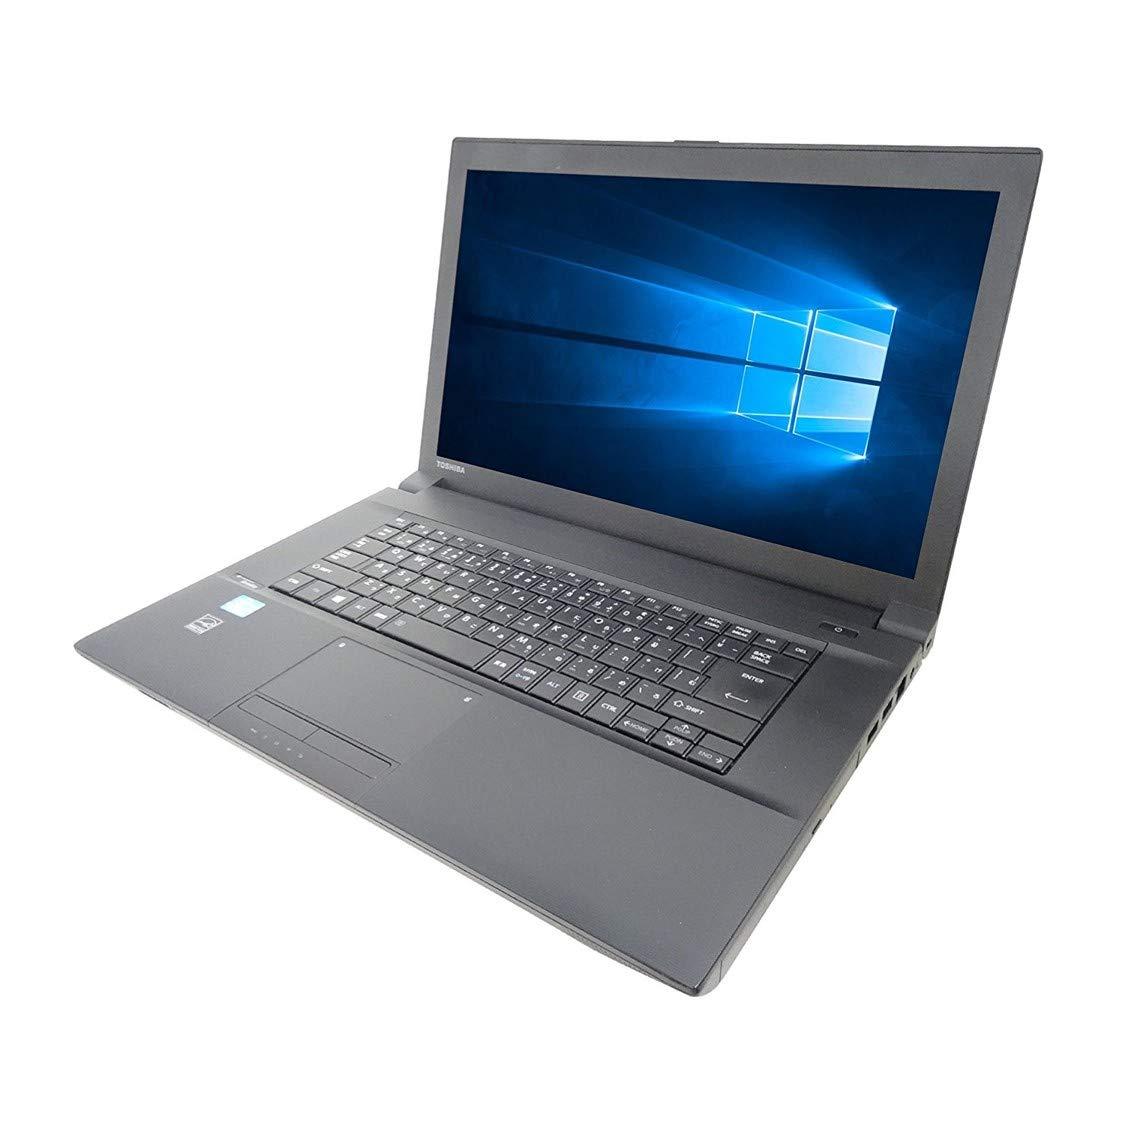 【お気に入り】 【Microsoft Office Office 2016搭載】【Win 新品SSD:240GB B078KLJ9XK 10搭載】TOSHIBA B553/第三世代Core i5 2.5GHz/メモリー8GB/HDD:新品1TB/DVDドライブ/USB 3.0/大画面15.6インチ/無線LAN搭載/ほぼ新品ノートパソコン/ (ハードディスク:新品1TB) B078KLJ9XK 新品SSD:240GB 新品SSD:240GB, テシオチョウ:5f2ef4c4 --- arbimovel.dominiotemporario.com